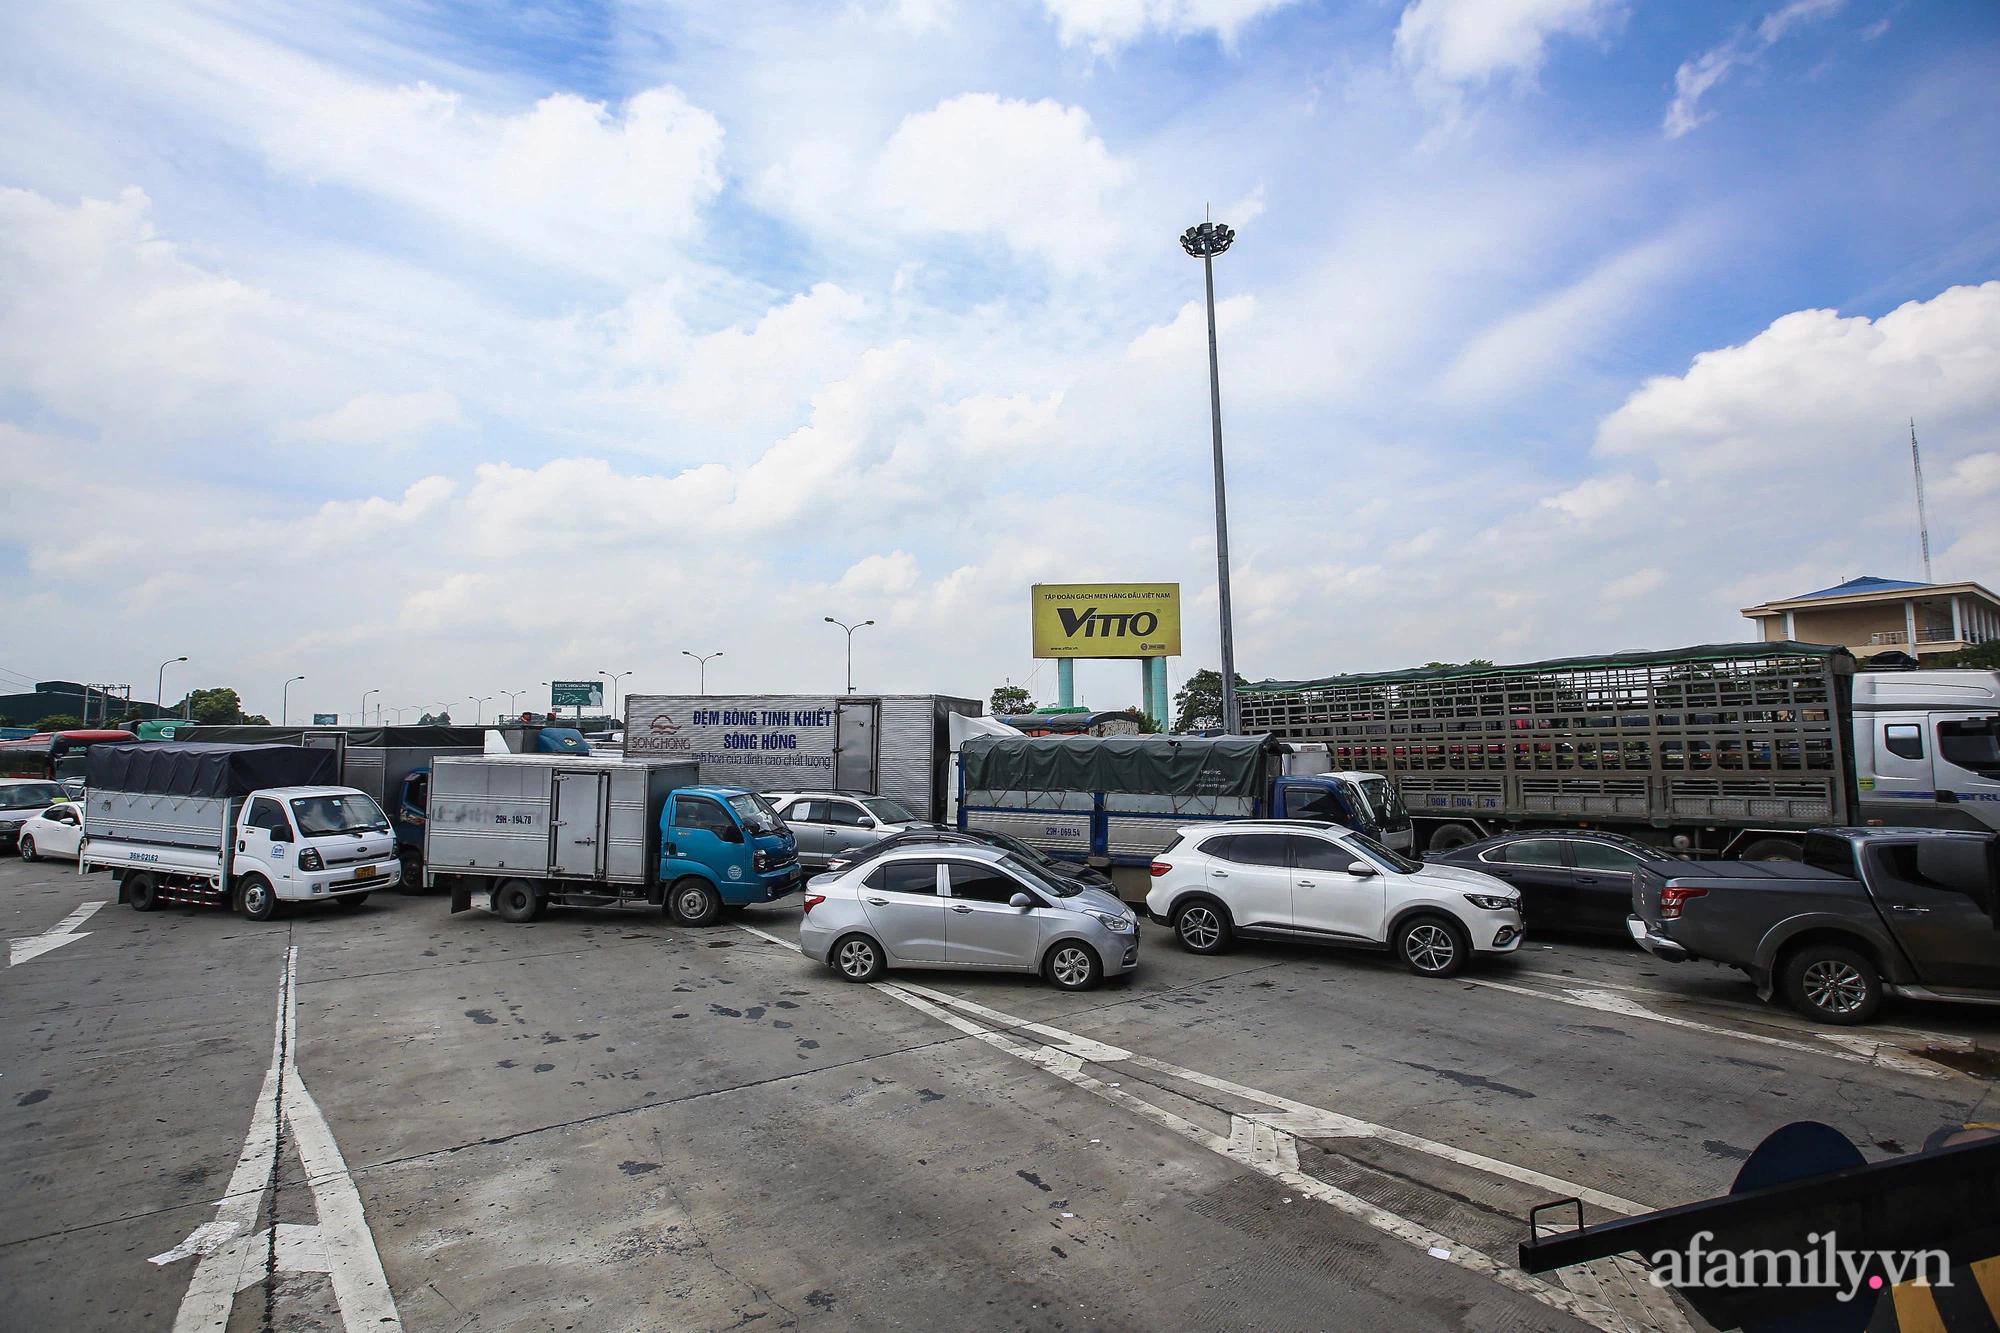 """Ngày đầu cách ly xã hội, 100% phương tiện tại 22 chốt kiểm soát đều phải quay đầu, các xe không thuộc """"luồng xanh"""" cần tránh lộ trình đi qua Hà Nội - Ảnh 9."""